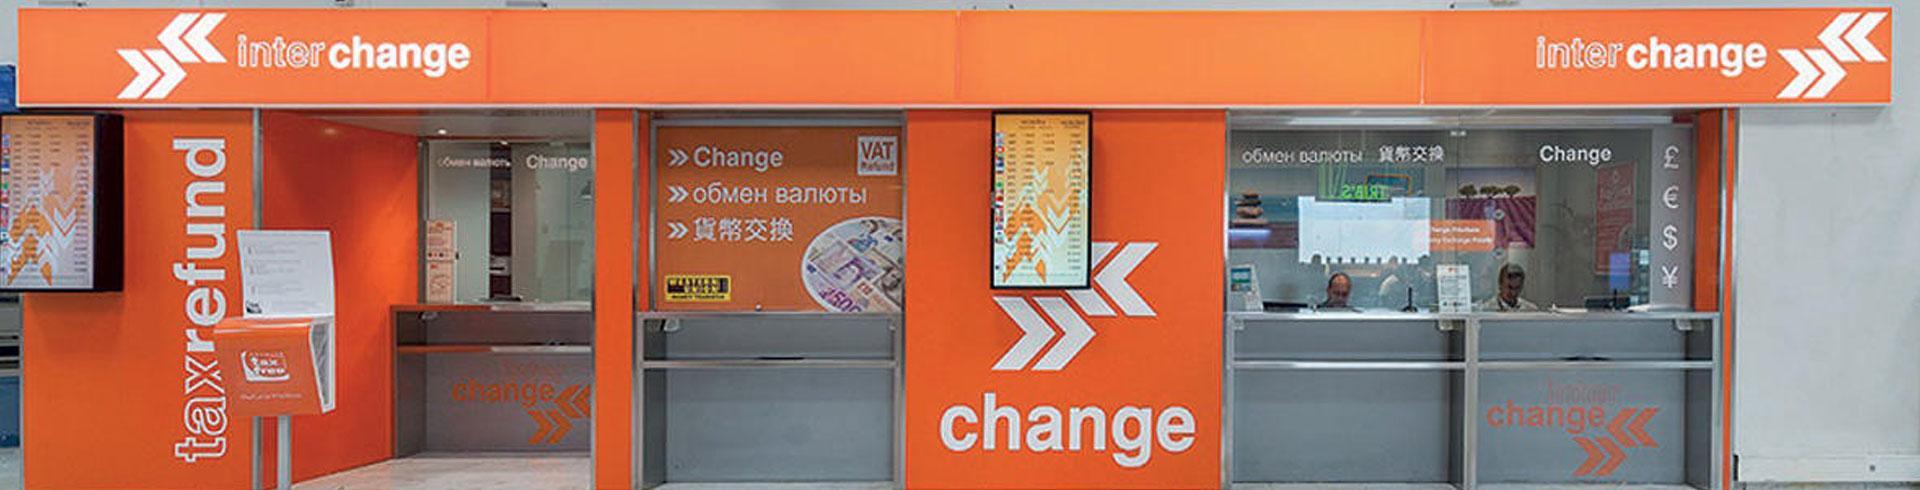 change remboursement tva salle a change banques terminal 2 boutiques services la. Black Bedroom Furniture Sets. Home Design Ideas